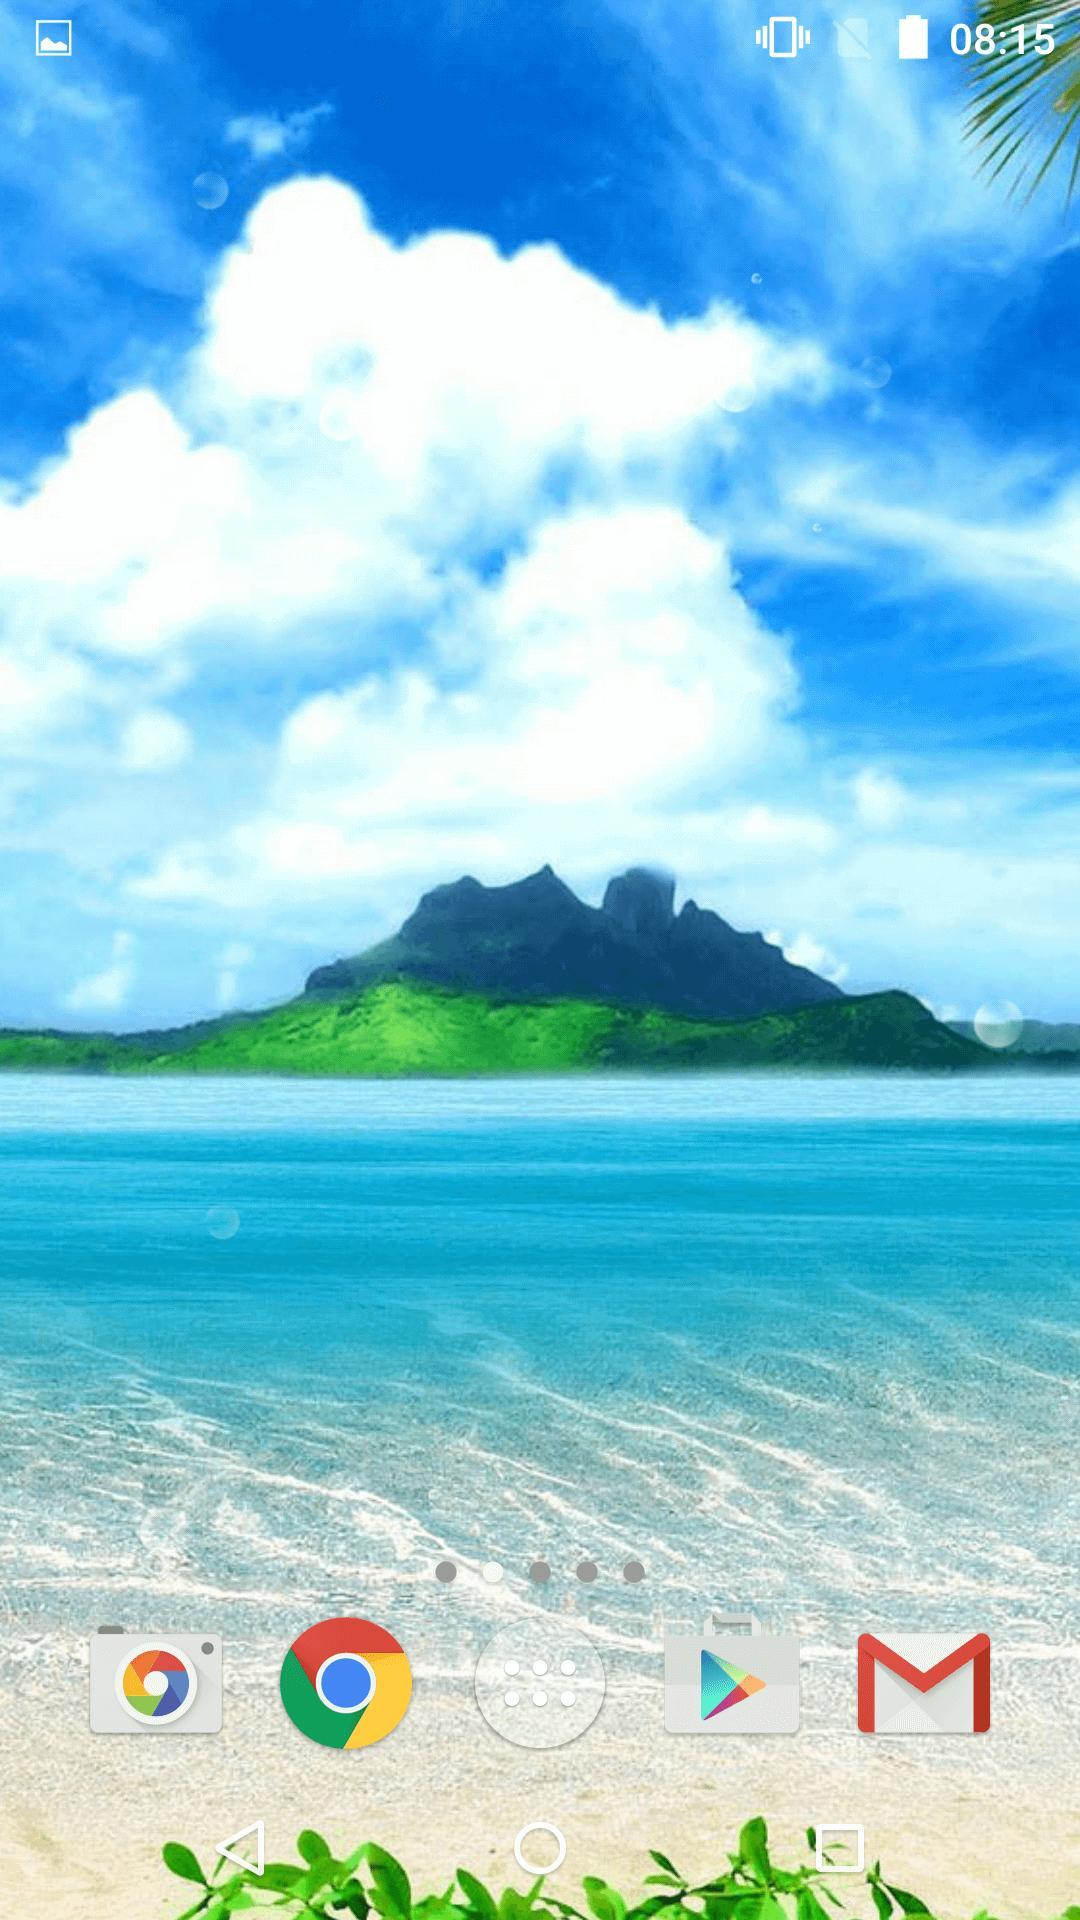 Spiaggia Sfondi Animati For Android Apk Download